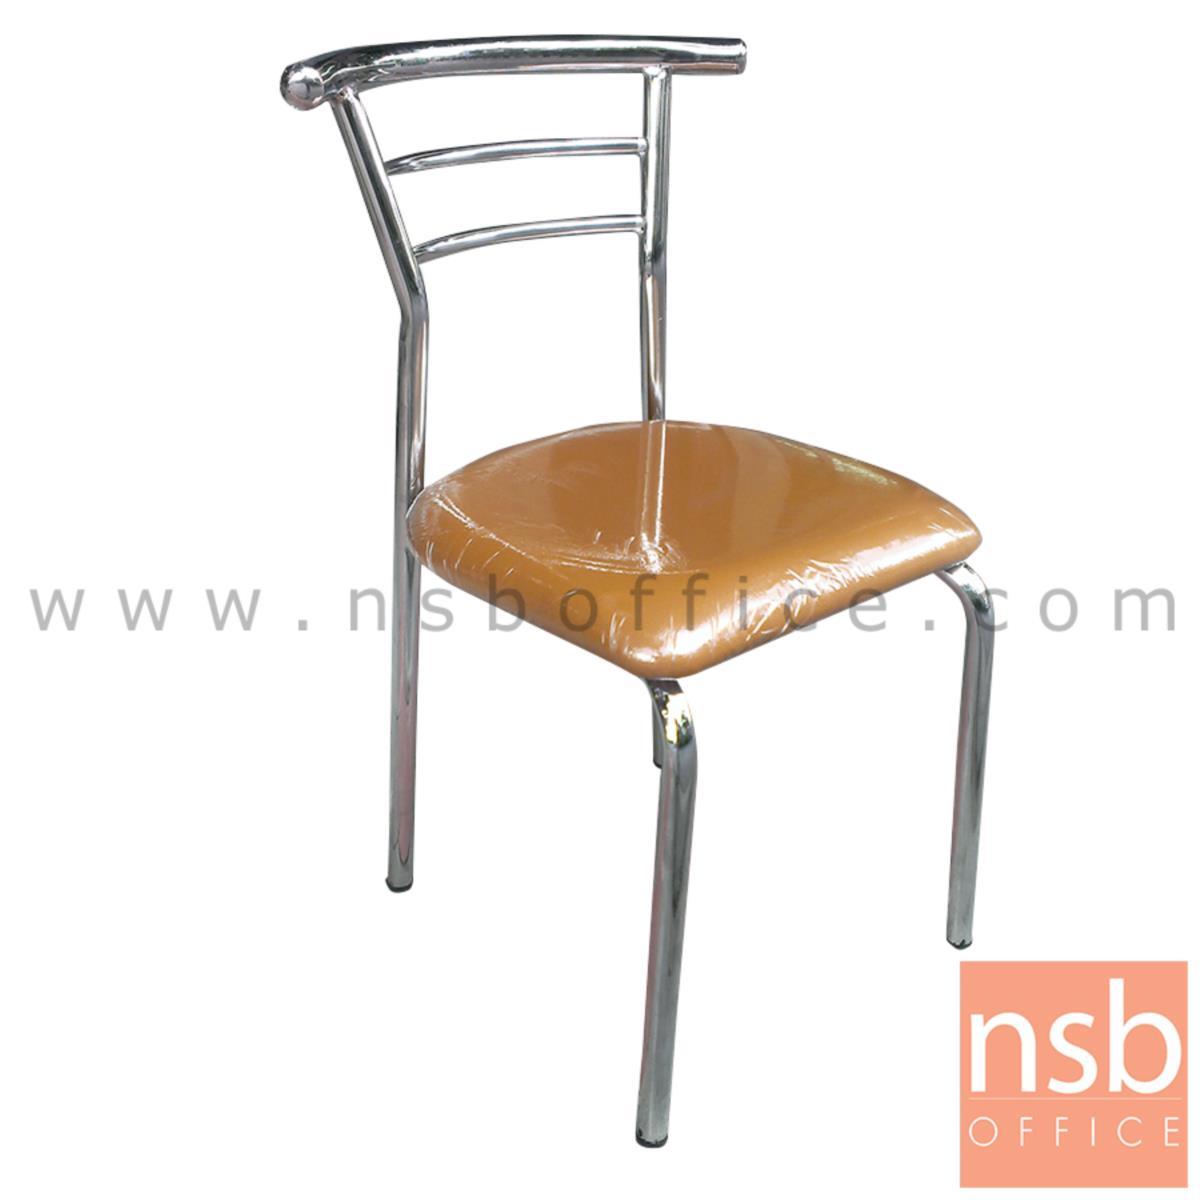 B08A009:เก้าอี้อเนกประสงค์เหล็ก รุ่น CM-009  ขาเหล็ก